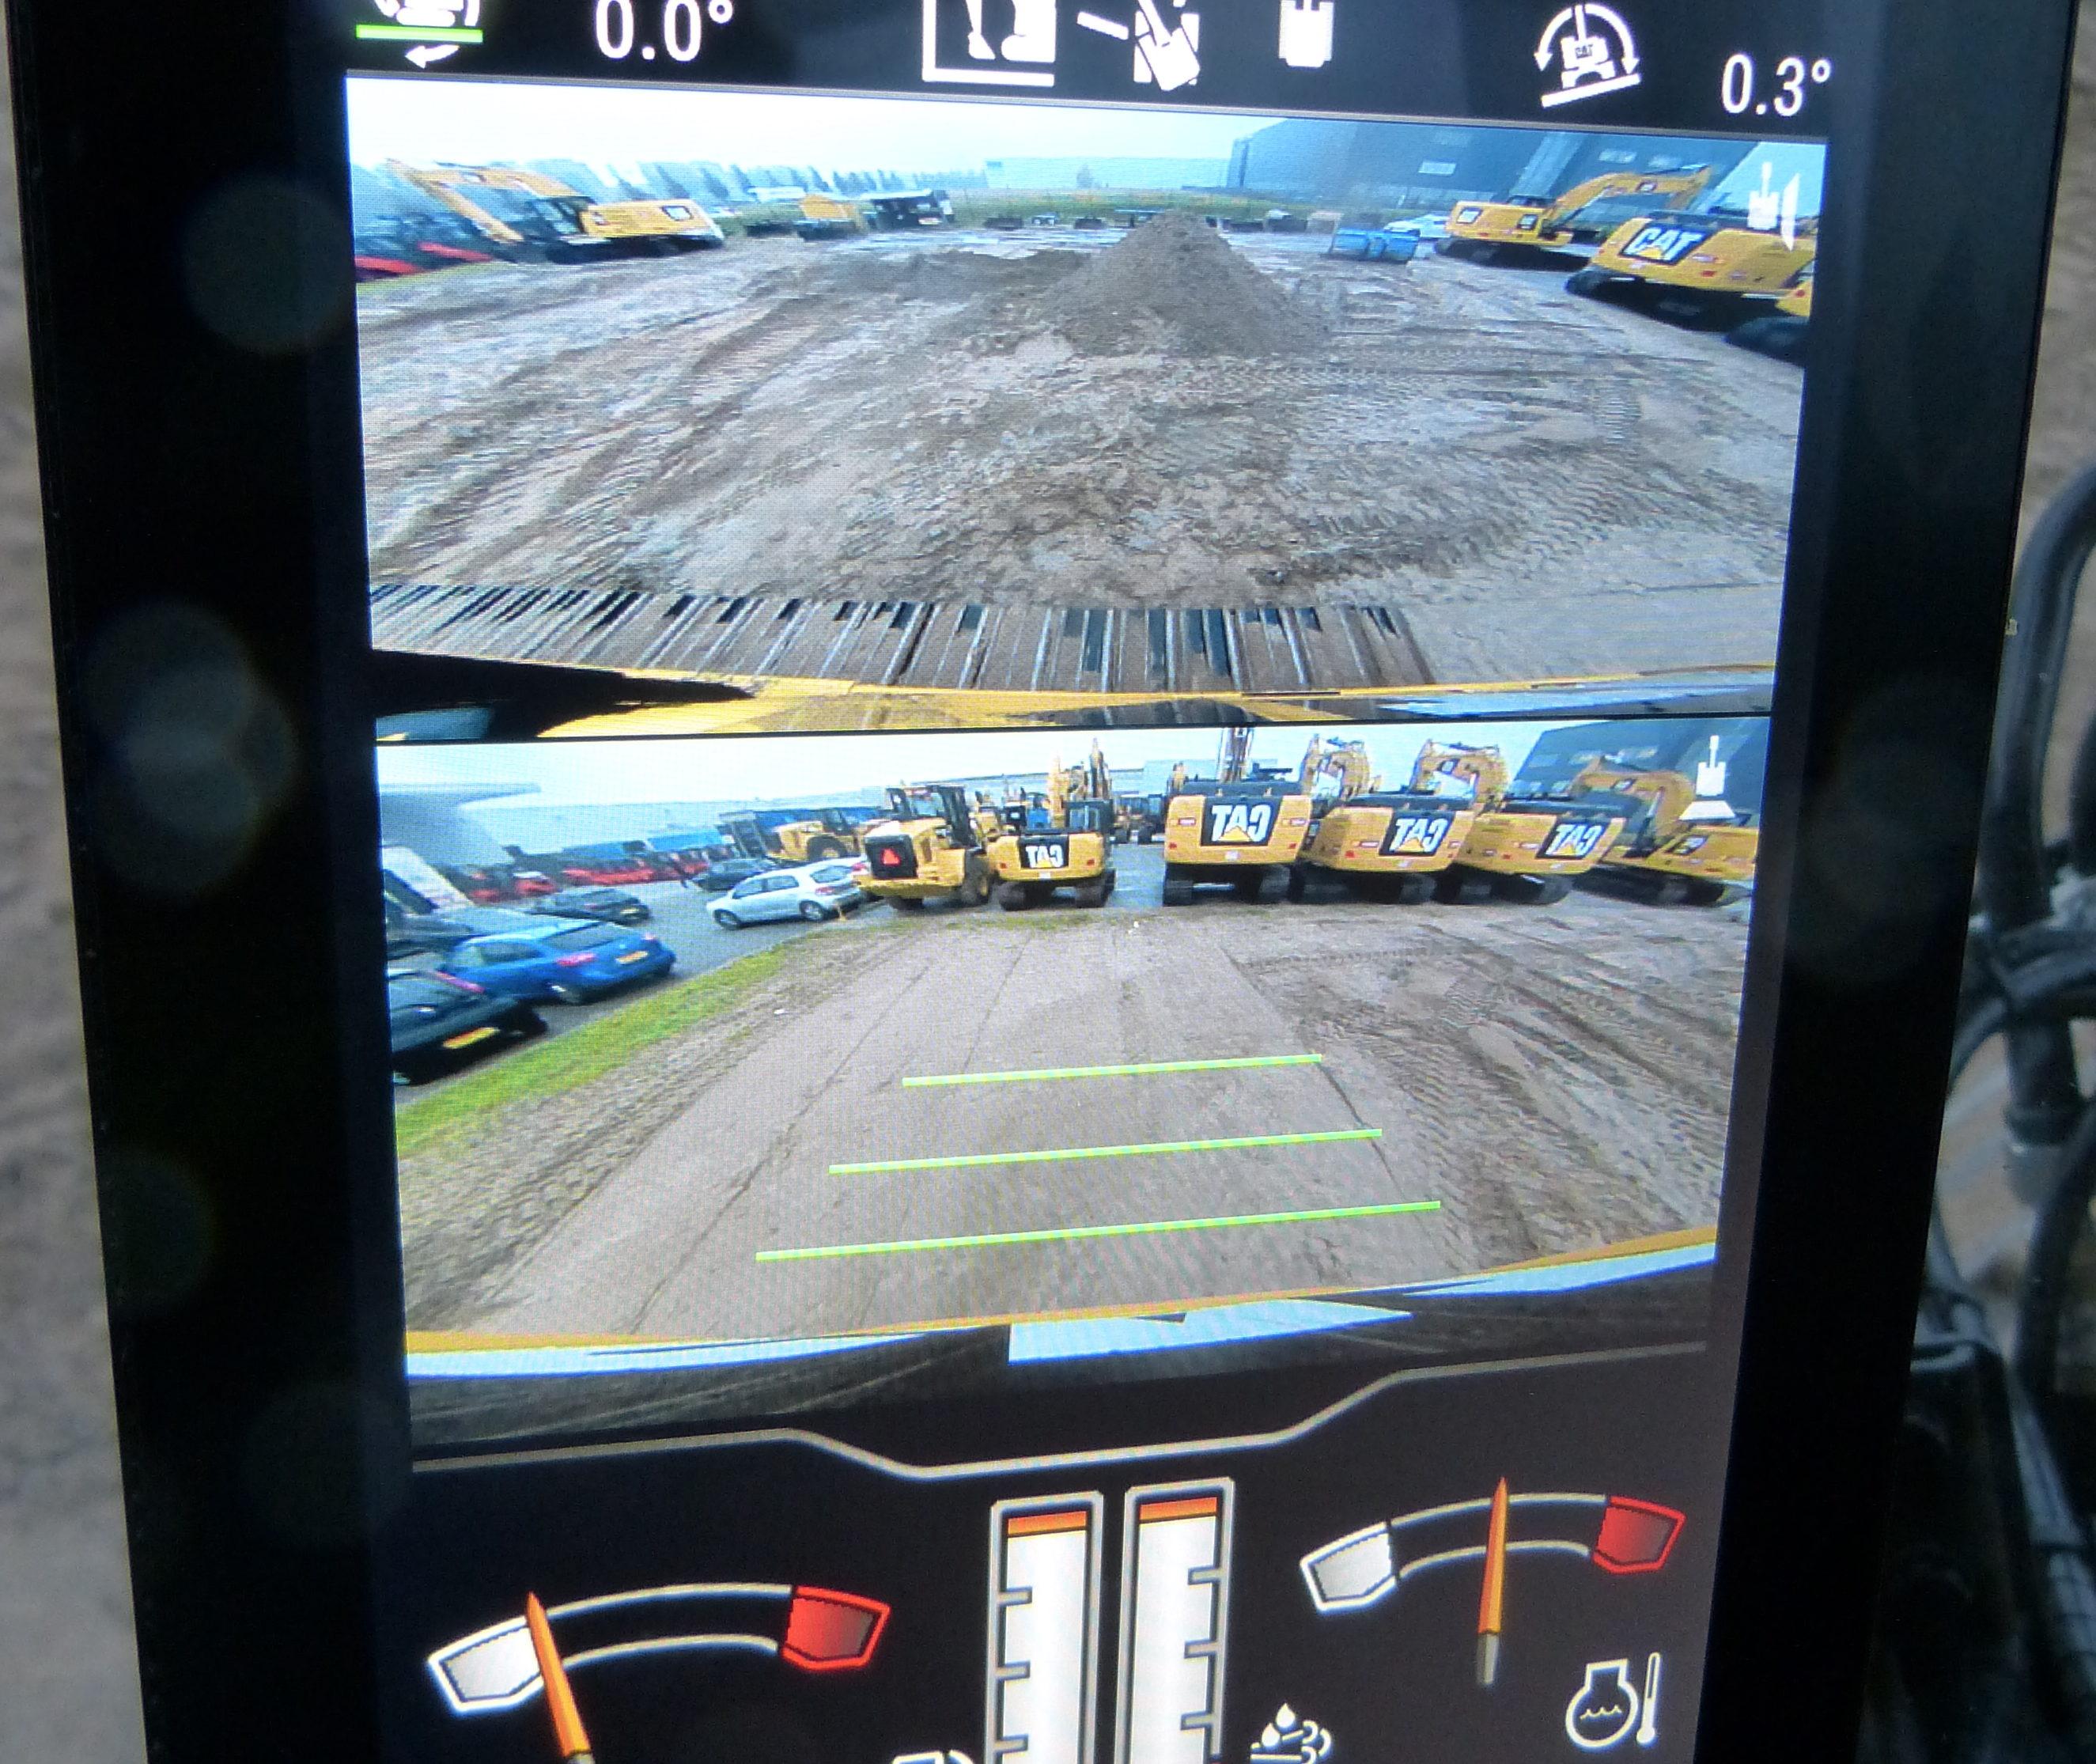 Het digitale hart van de machine is dit scherm. Sterk punt is dat je via het display heel veel eigen voorkeuren kunt instellen.